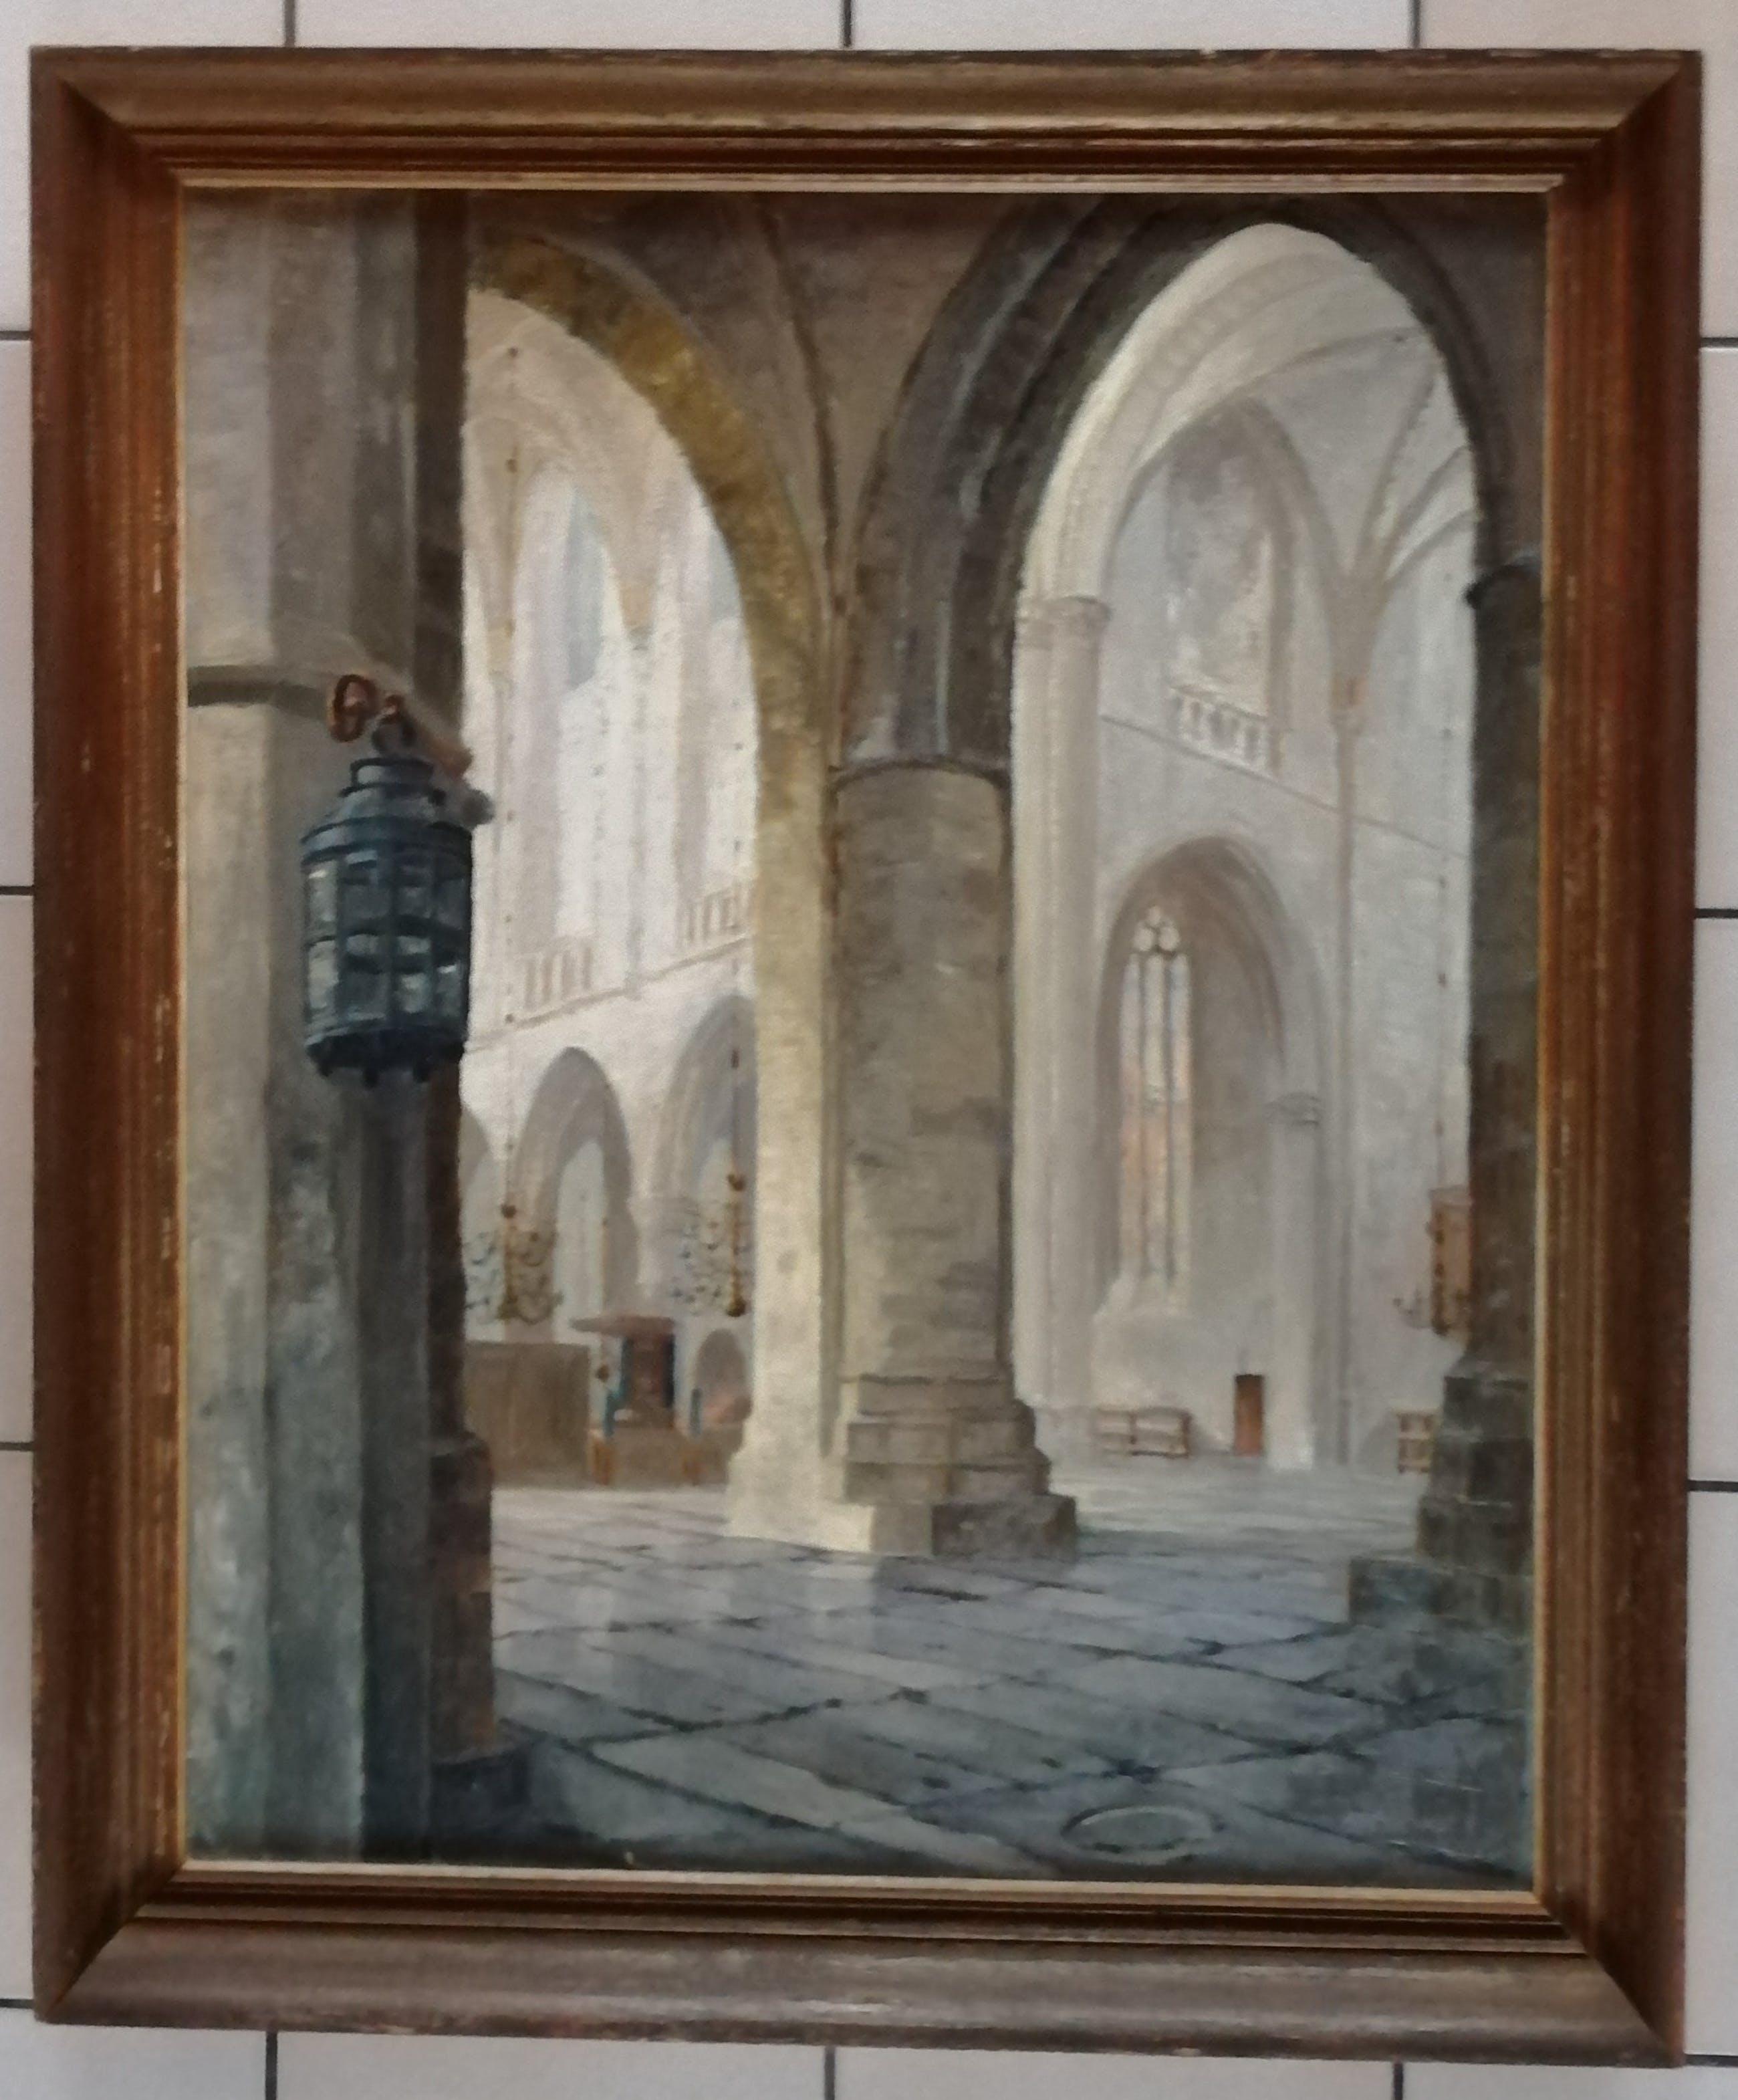 Arij Albert Willem Verhorst - Interieur Grote- of Sint Bavokerk Haarlem kopen? Bied vanaf 130!